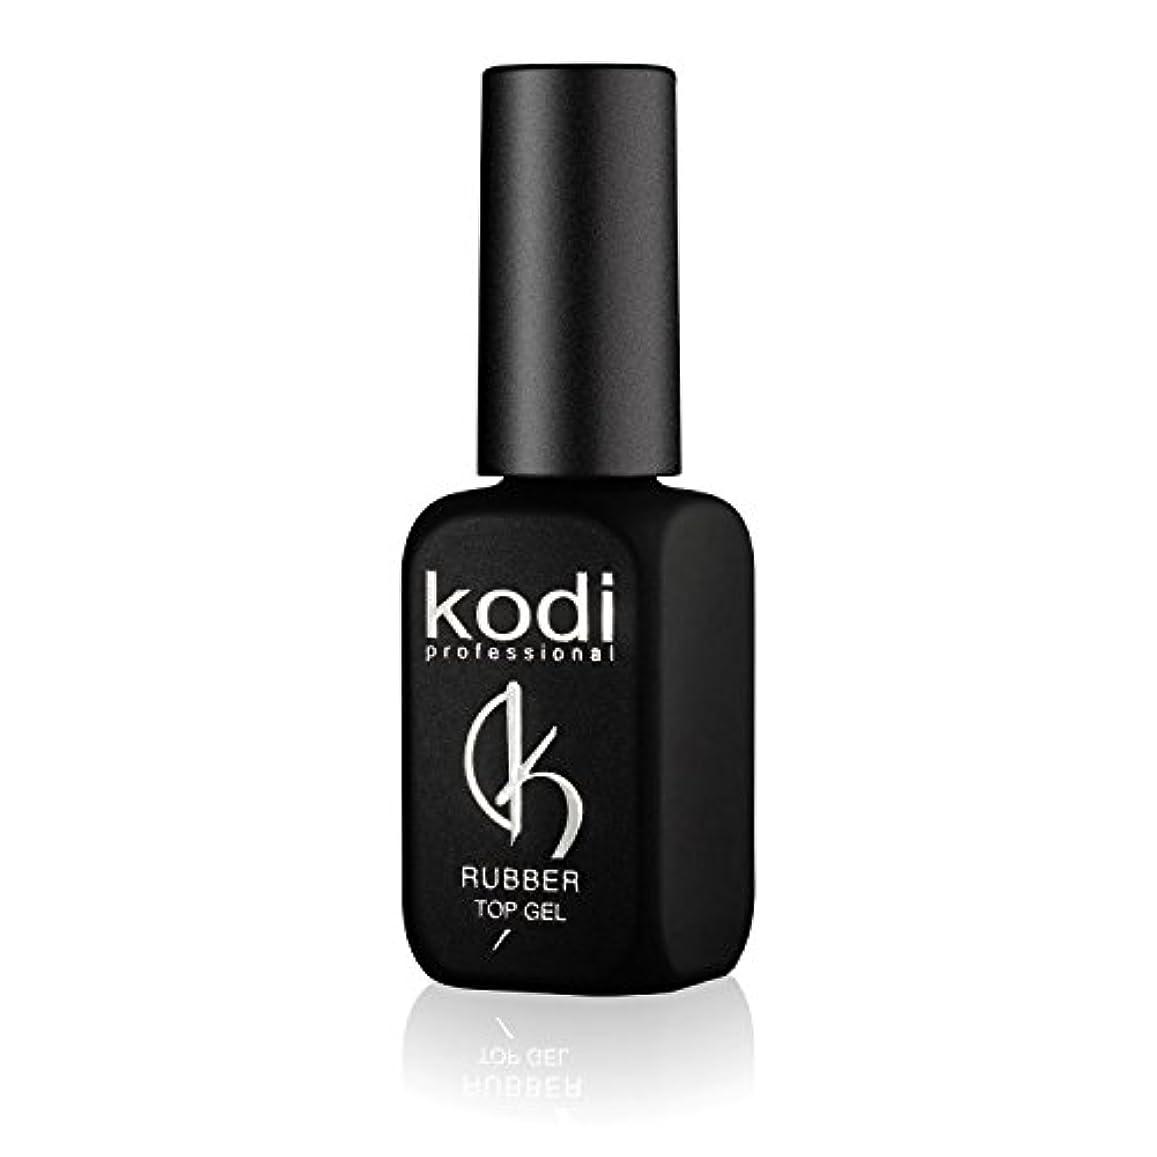 ホールドぜいたく岩Professional Rubber Top Gel By Kodi | 12ml 0.42 oz | Soak Off, Polish Fingernails Coat Gel | For Long Lasting...